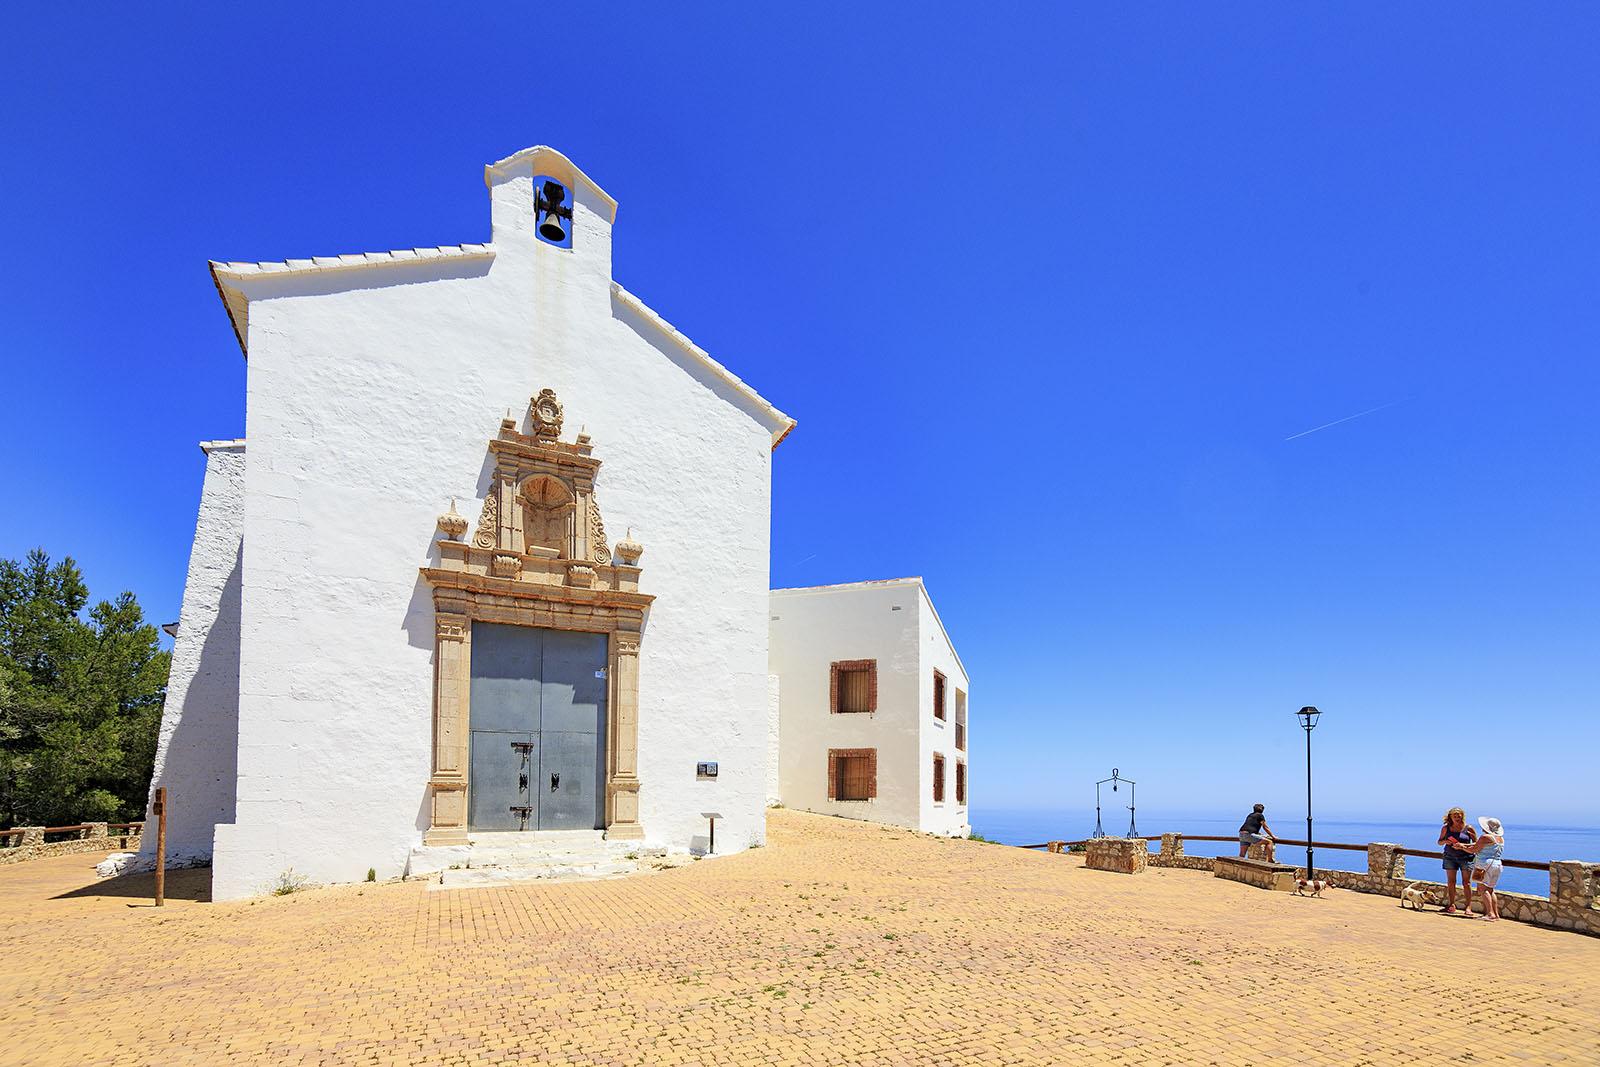 Ermita-Santa-Lucía-y-San-Benet-viajes_bici_maestrat_feria_del_vino